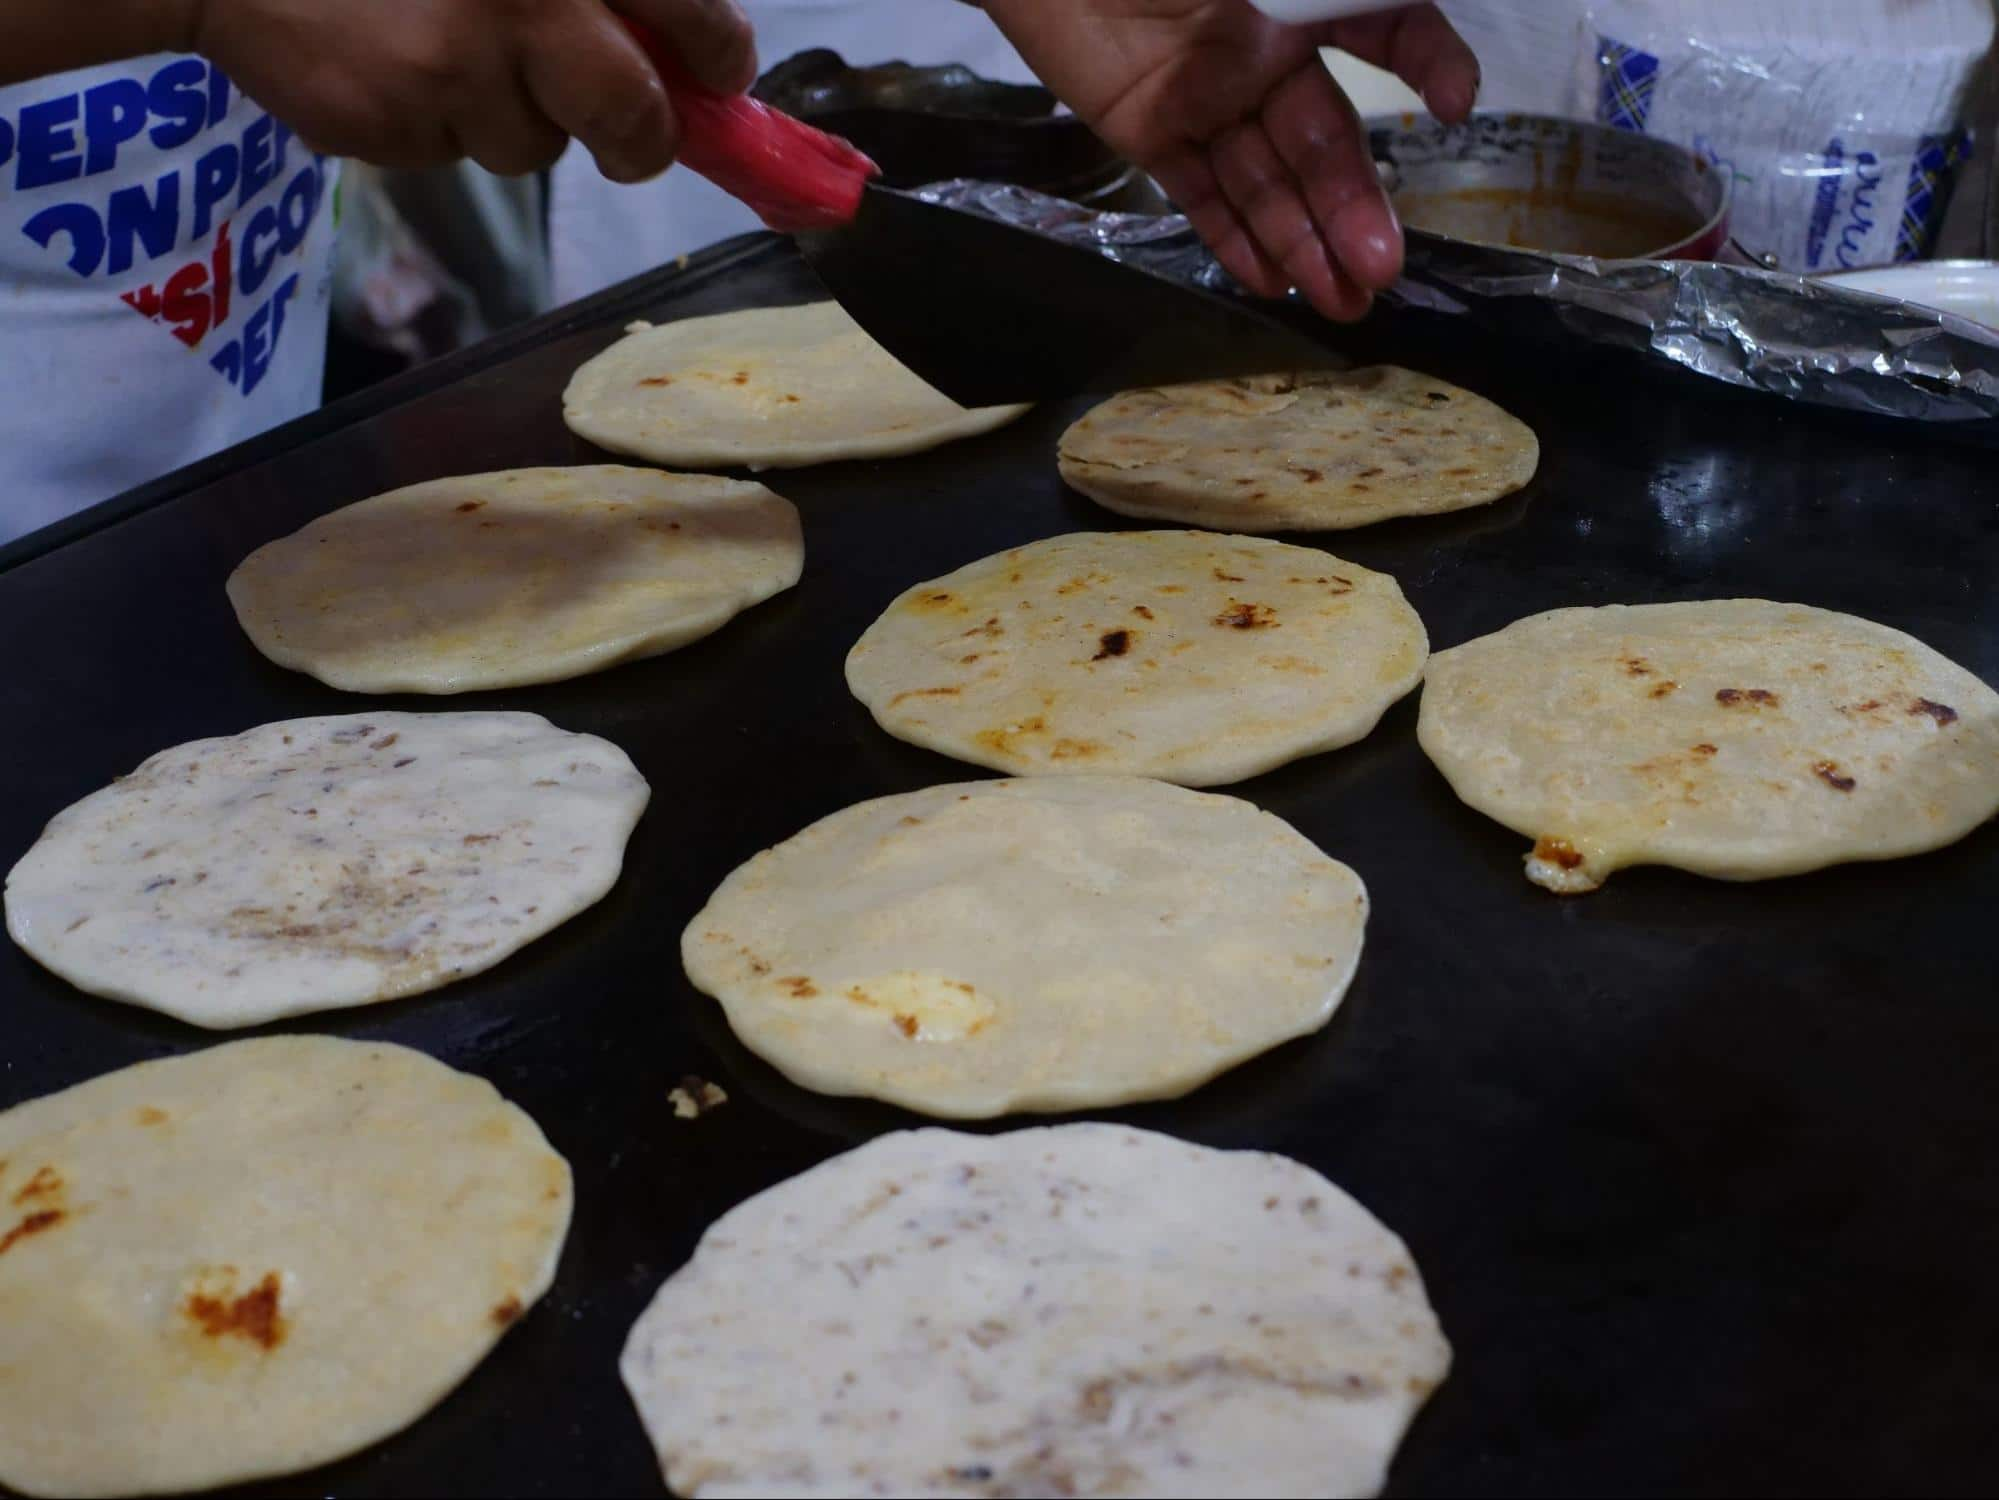 Pupusas, actually traditional Salvadorian food